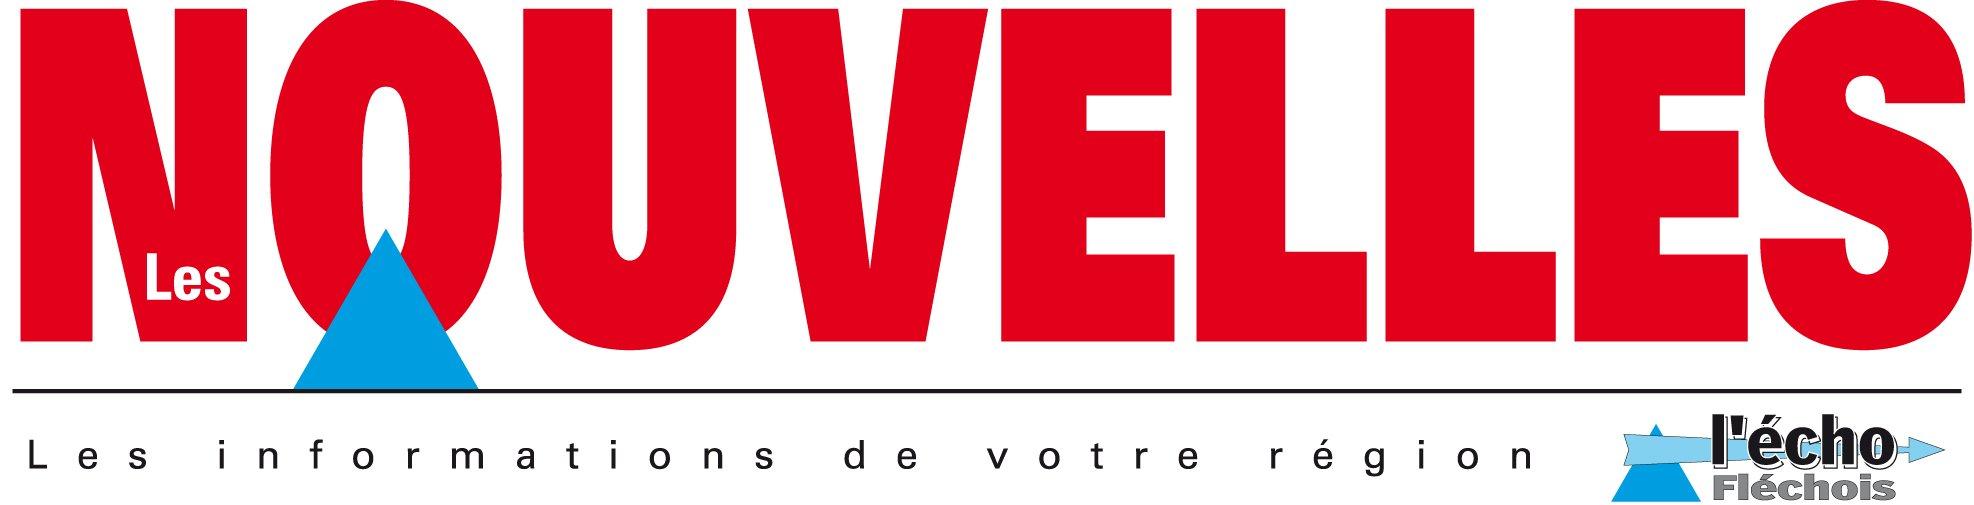 logo-Les Nouvelles